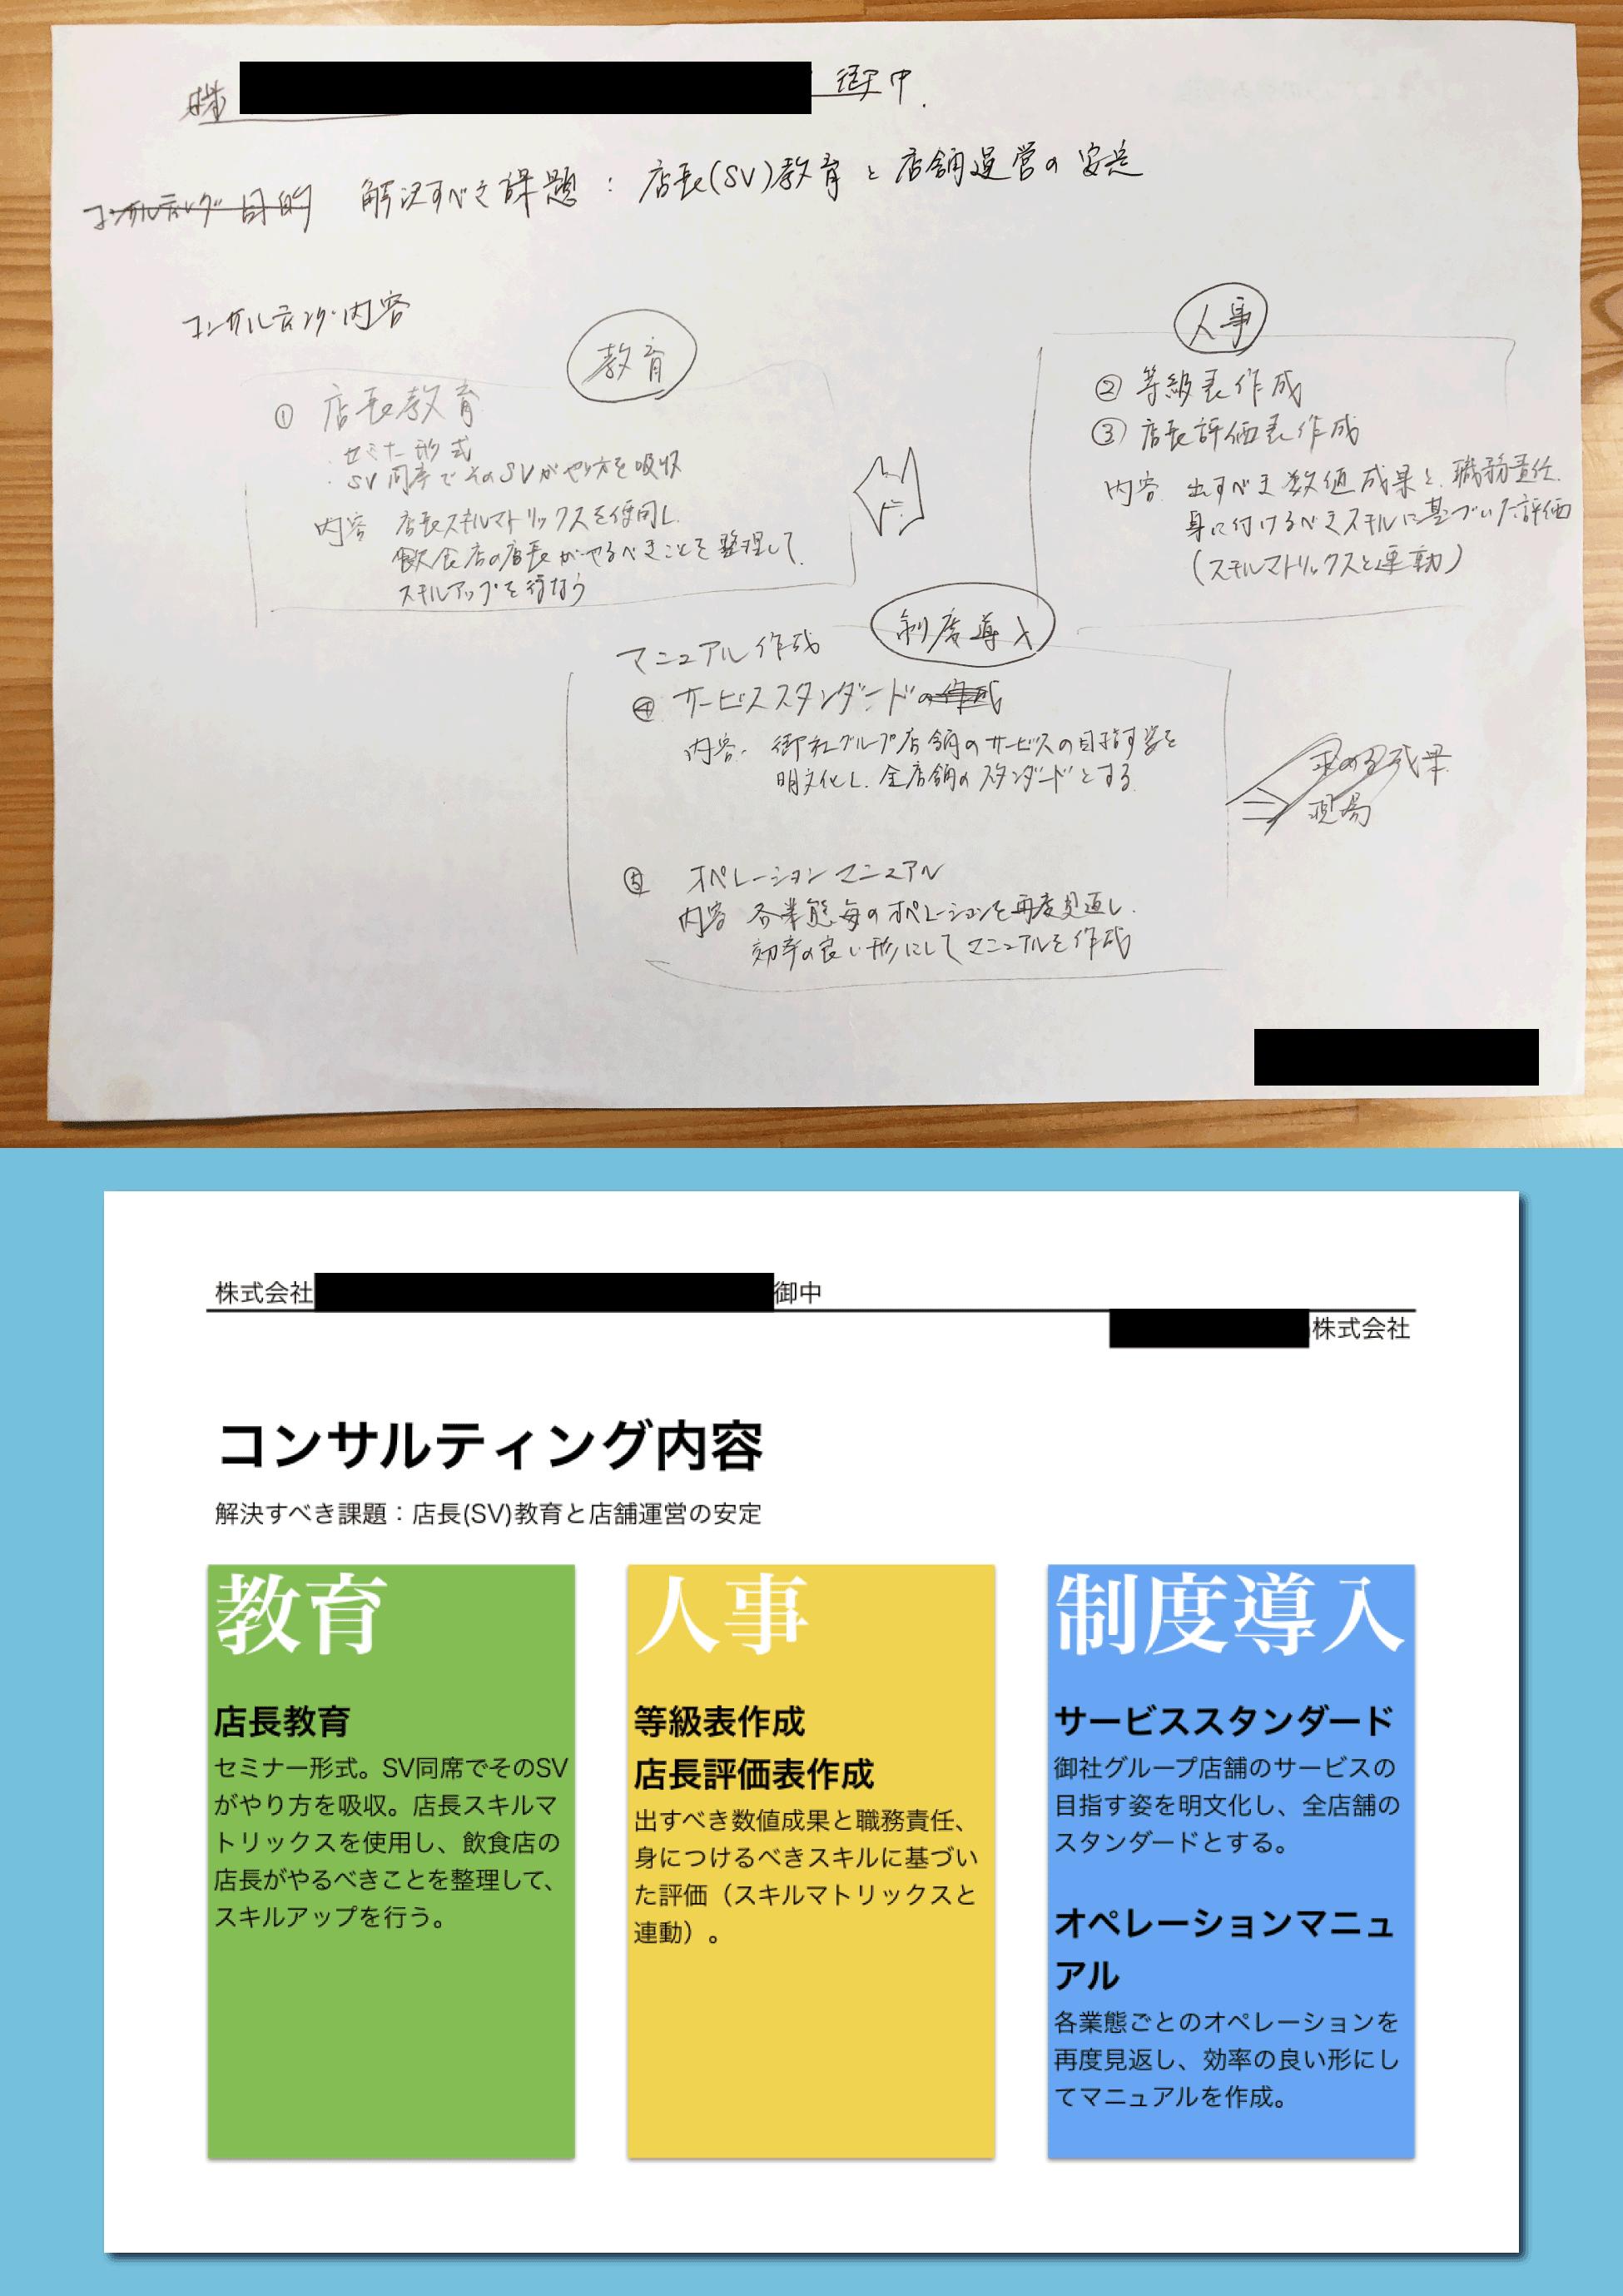 文書デジタル化代行サンプル1